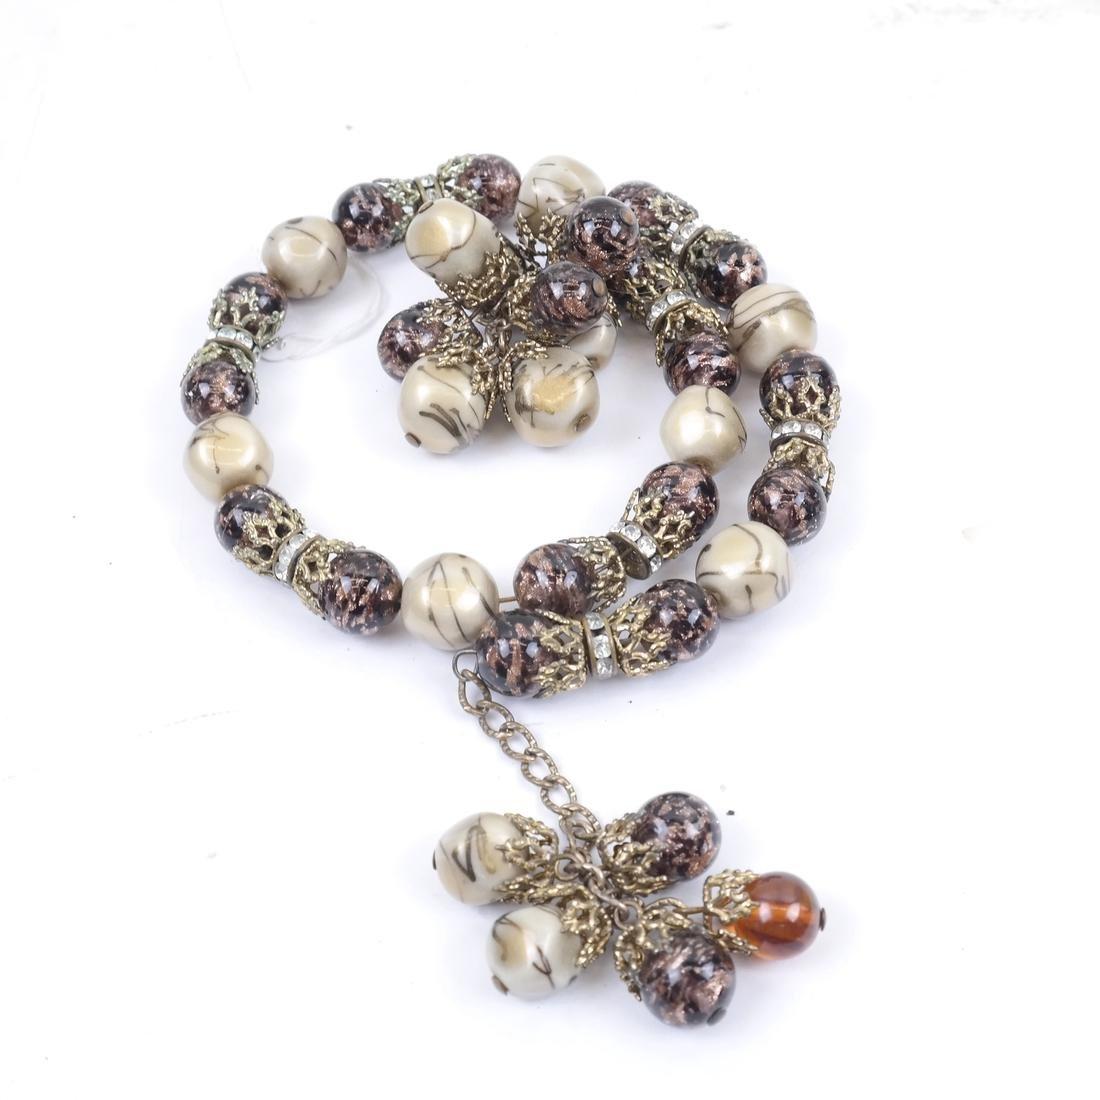 Jade and Assorted Neckaces & Bracelets - 3